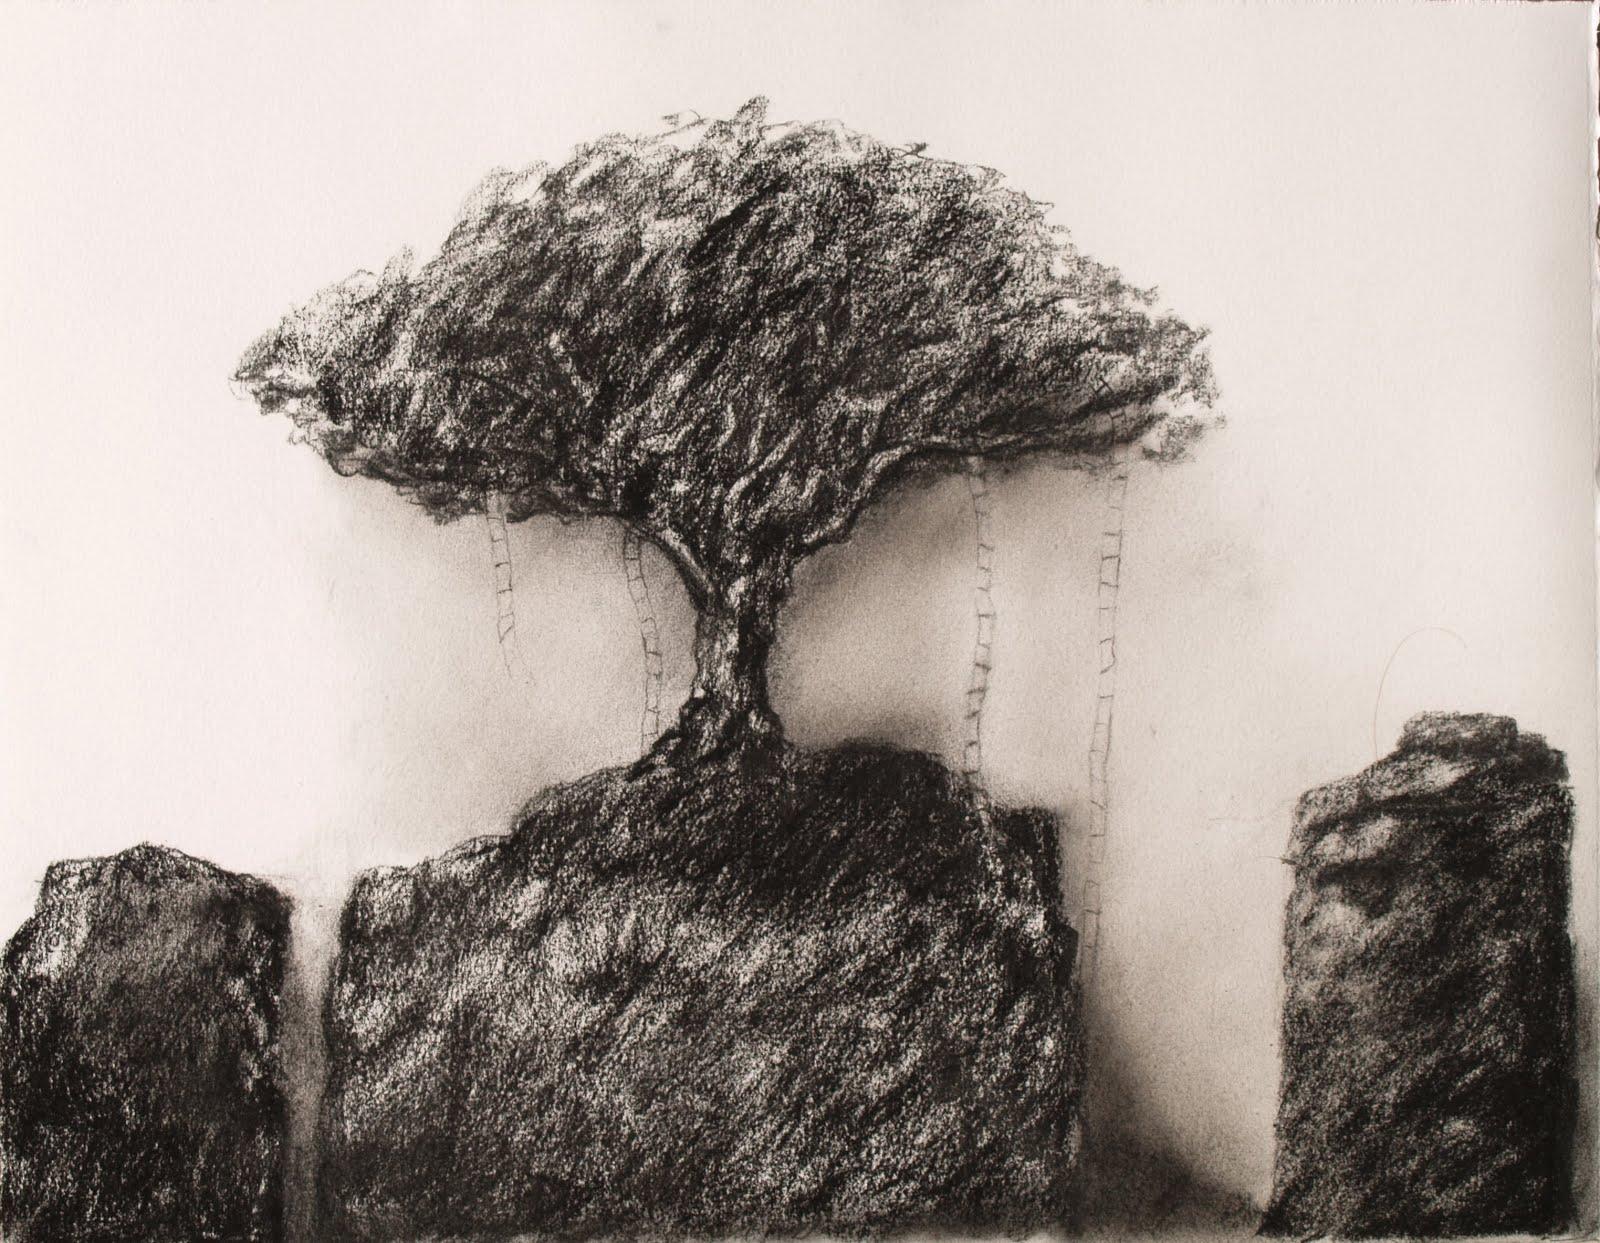 l'arbre aux échelles